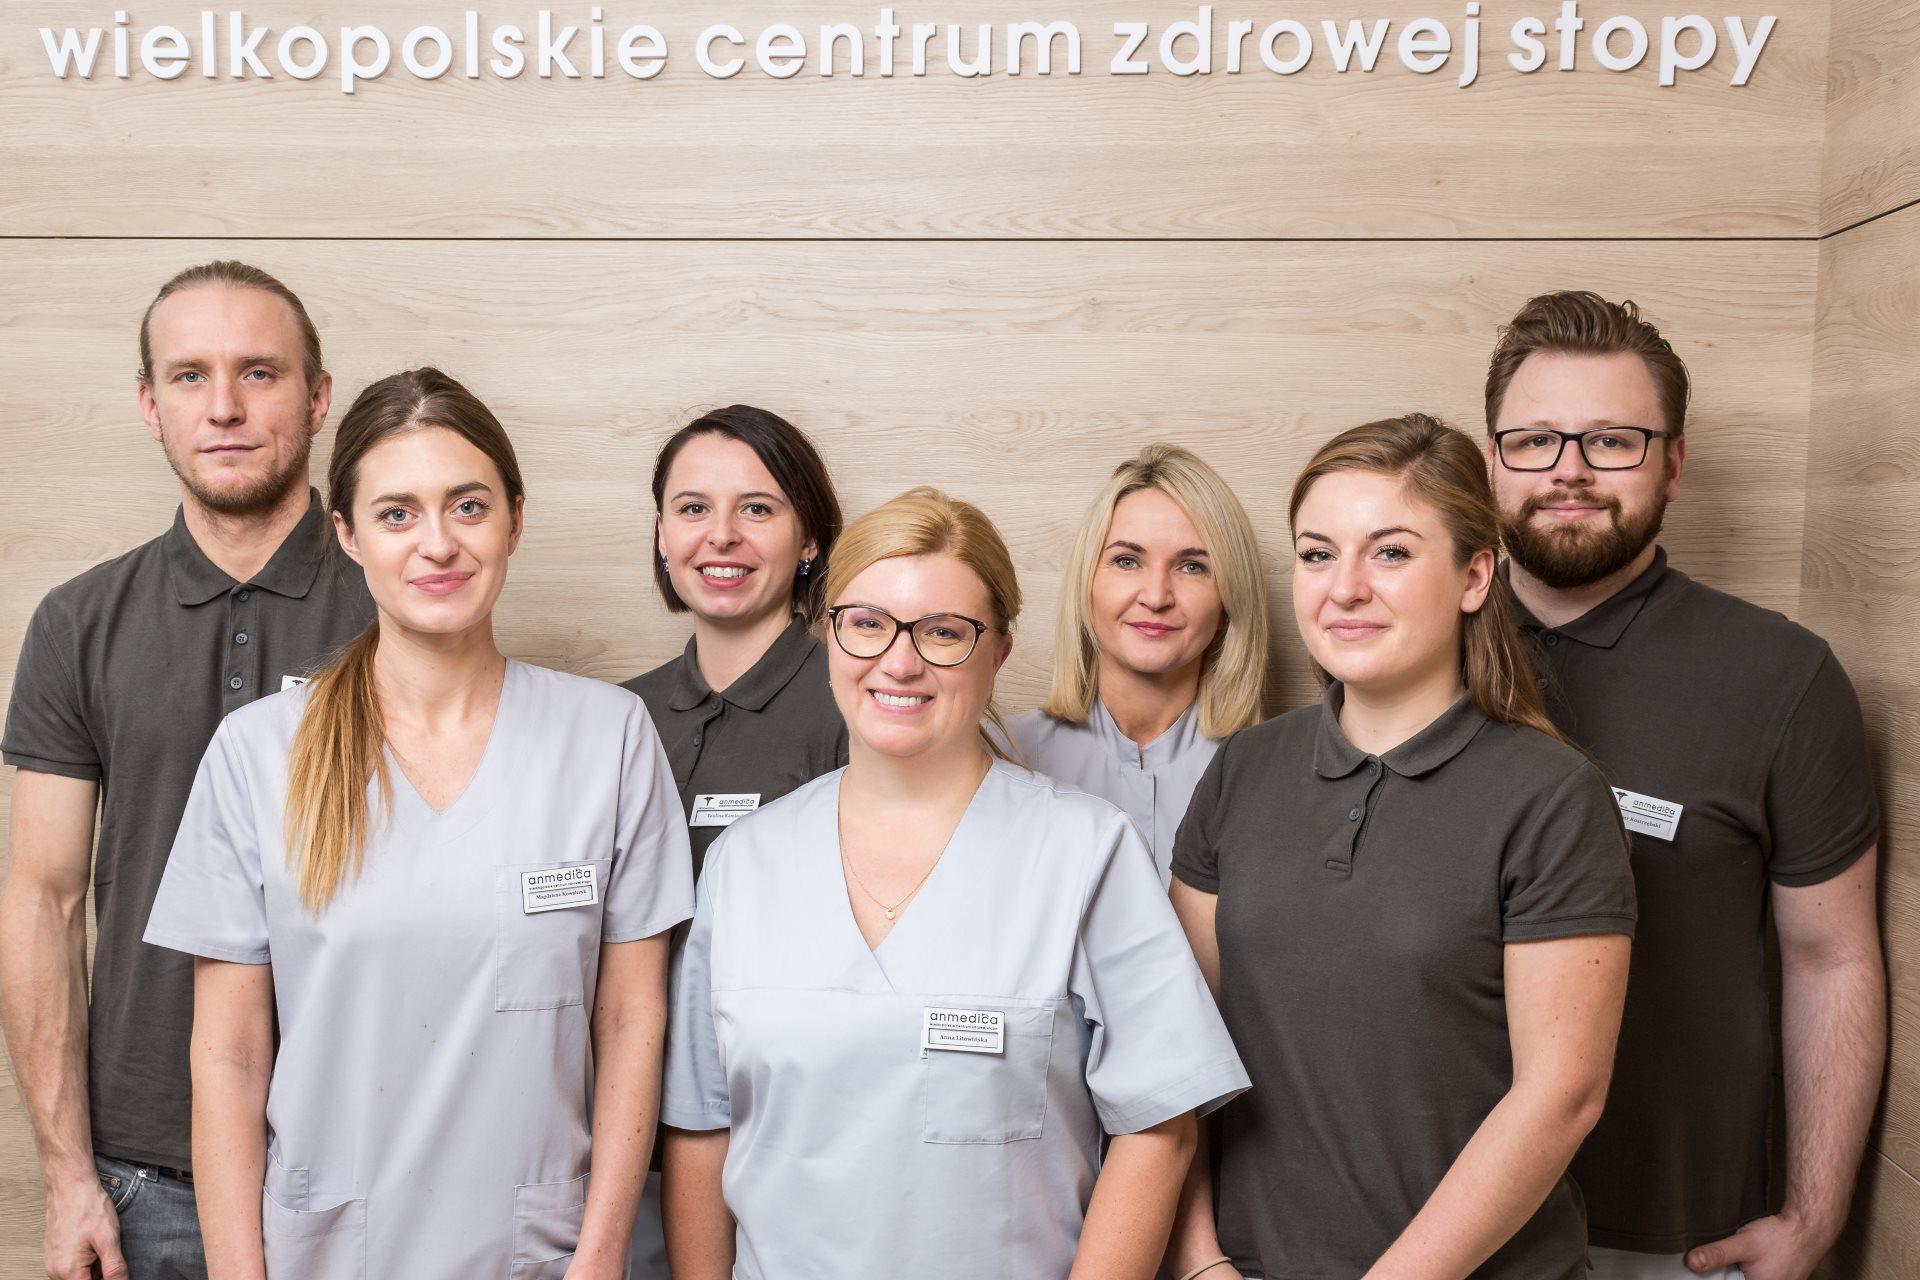 anmedica poznań zespół specjalistów